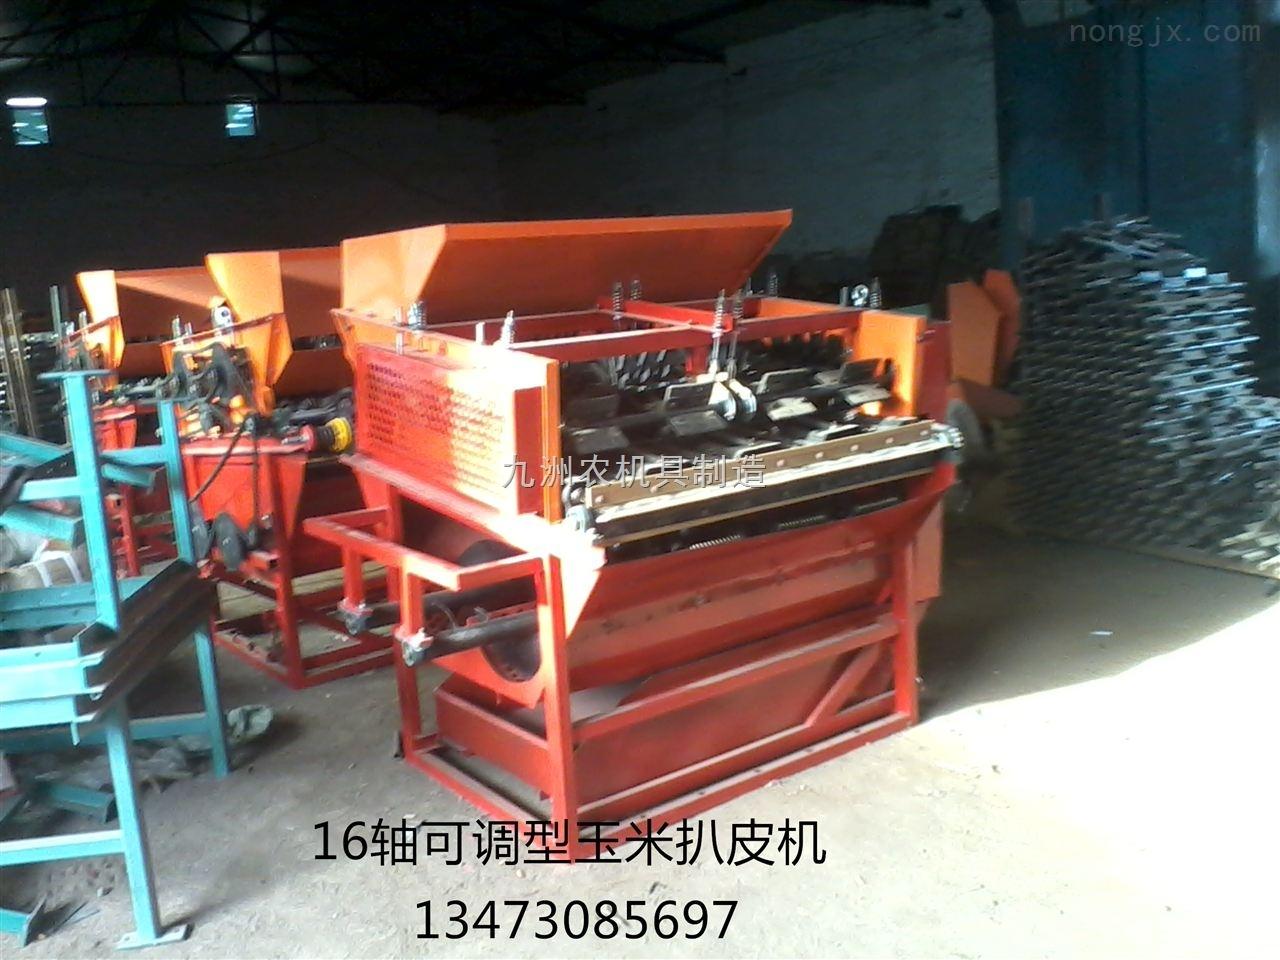 加装扒皮机安装玉米收割机扒皮机玉米皮粉碎机